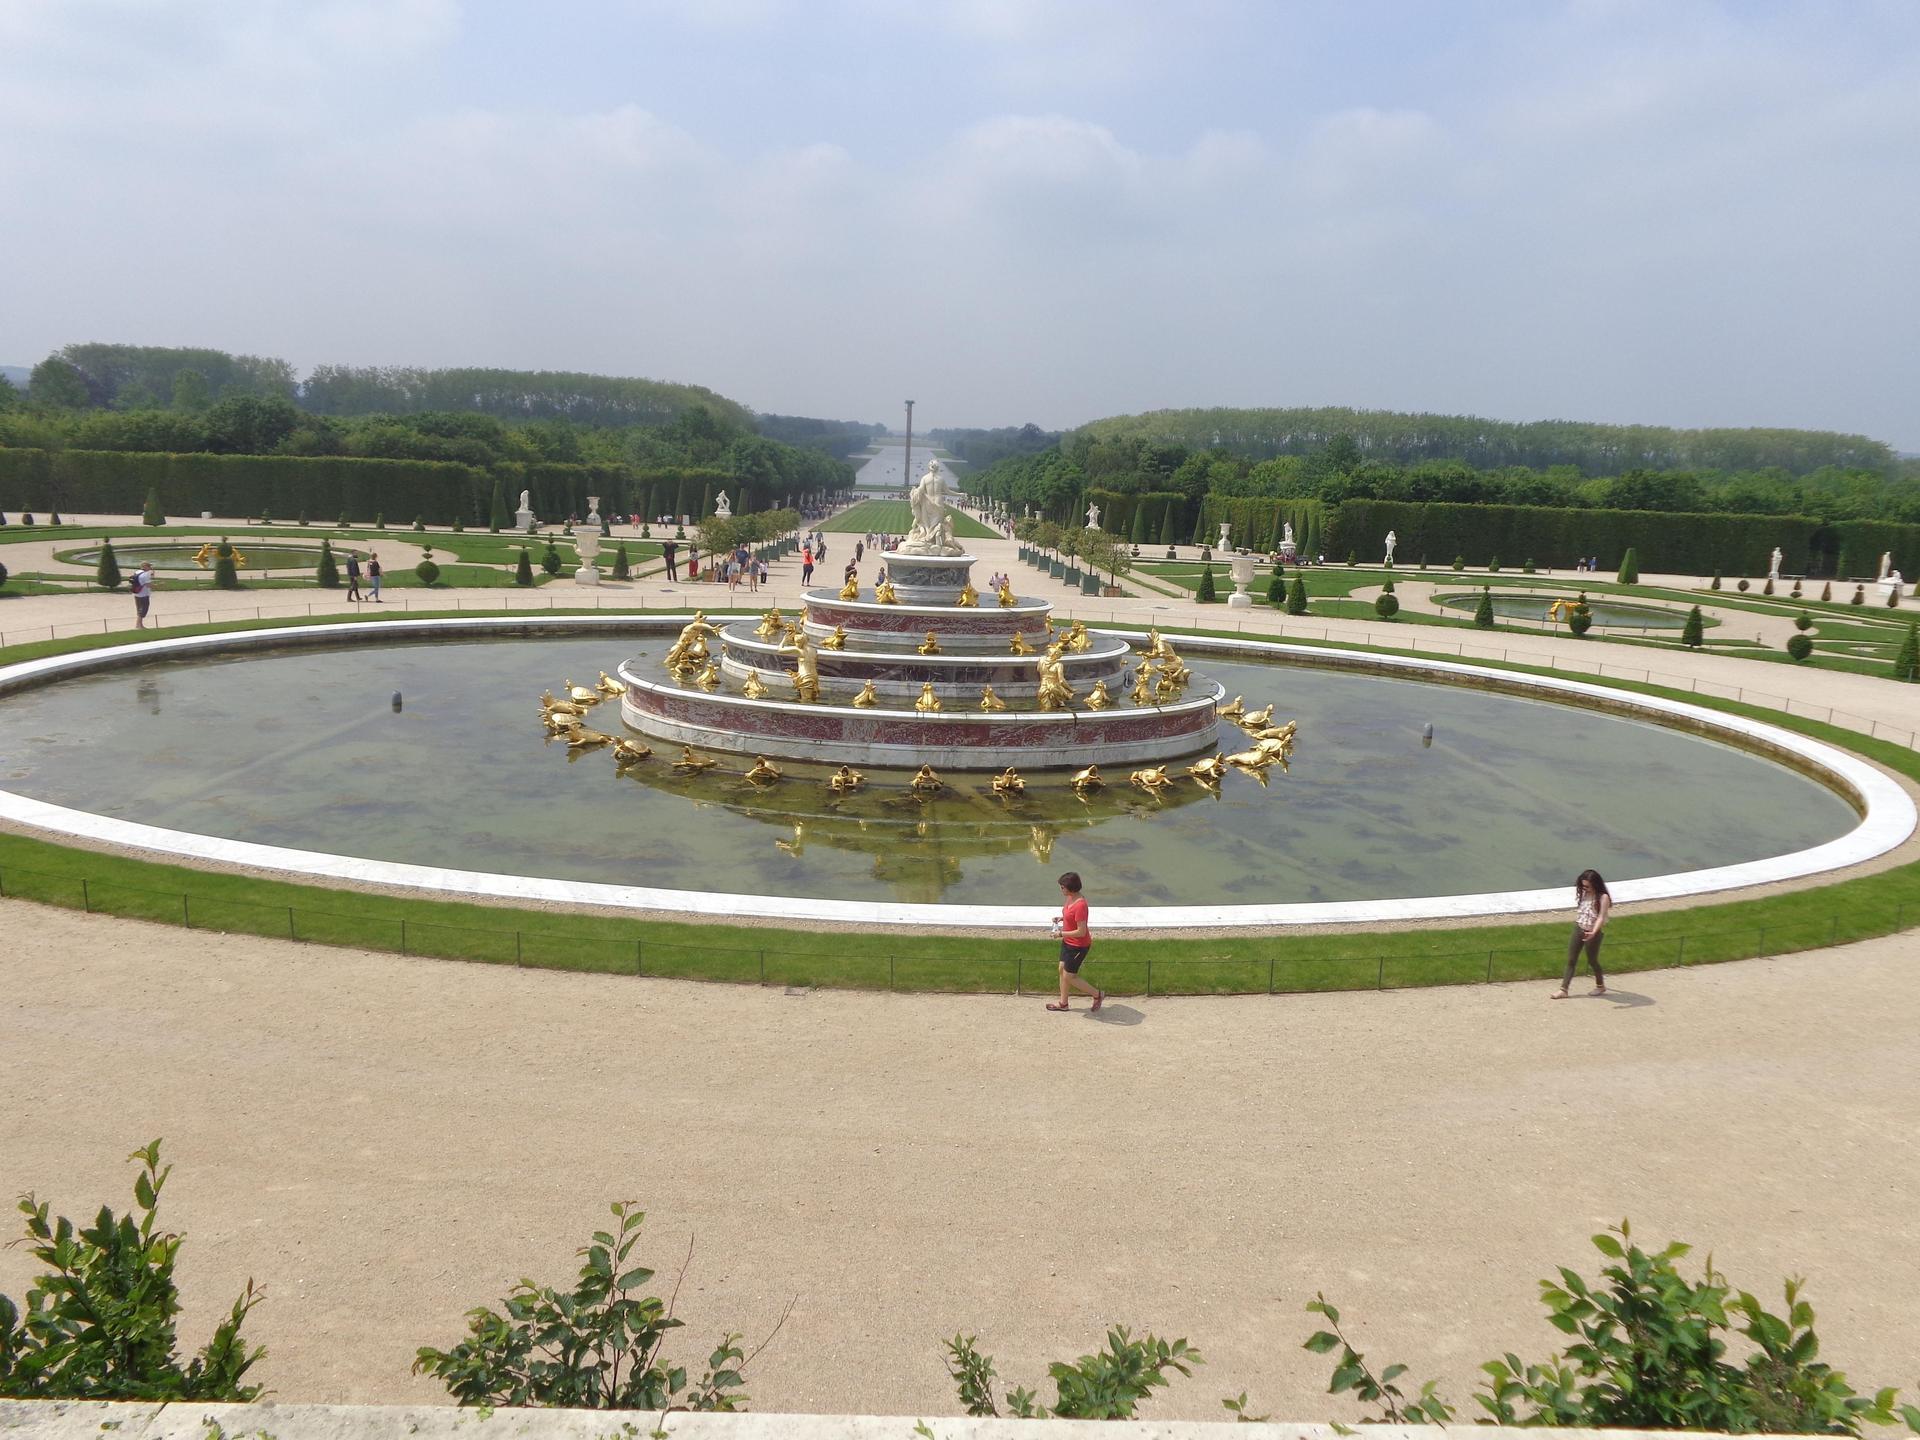 Versailles l'allee des rois